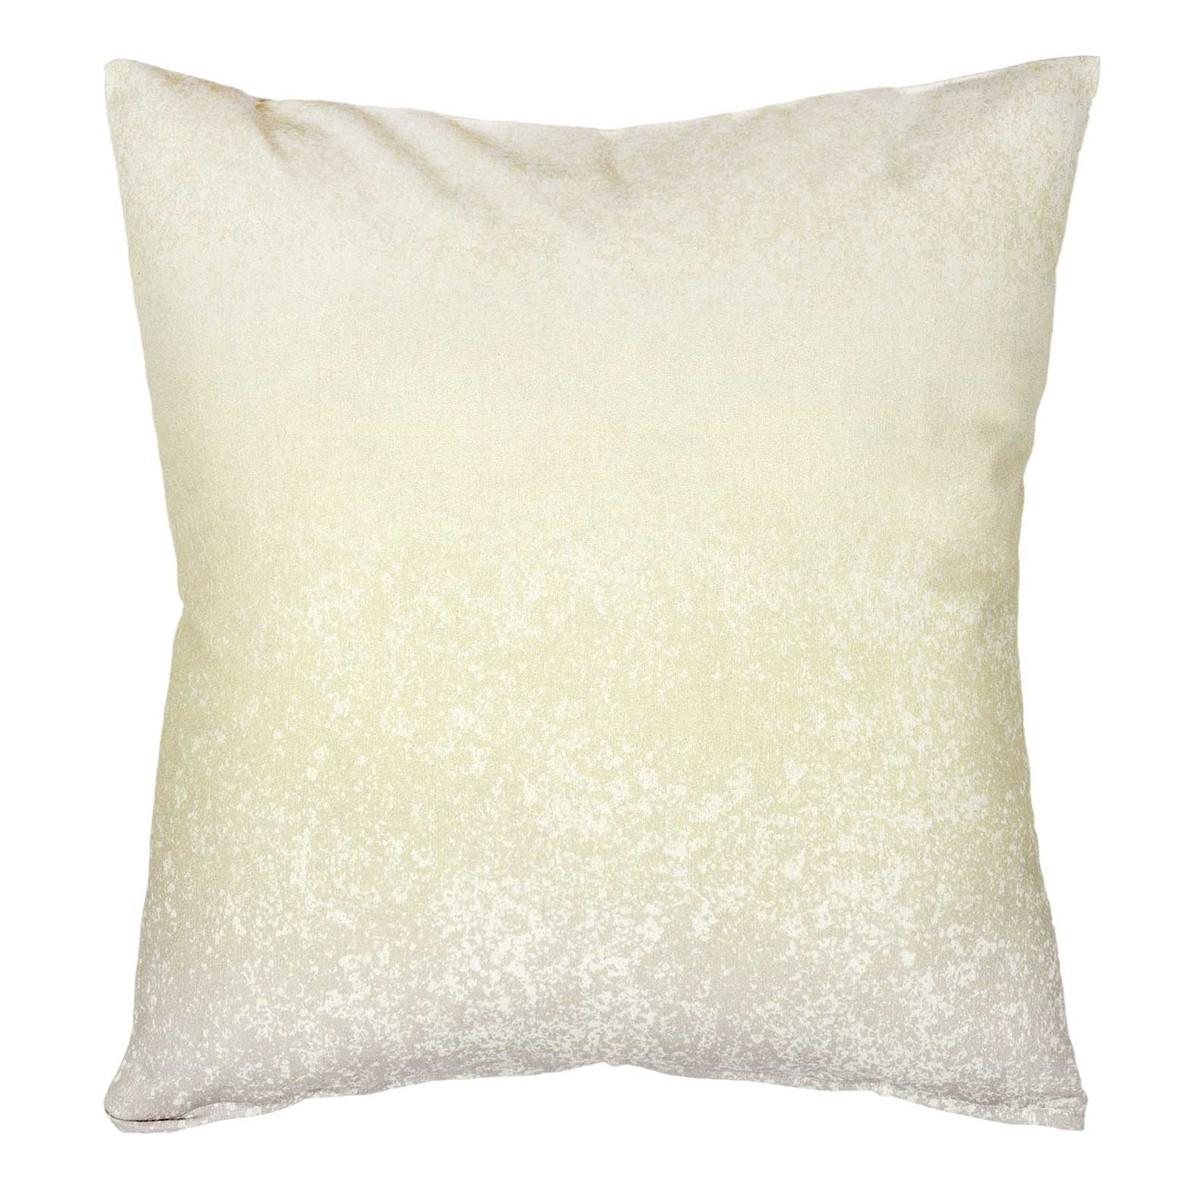 Διακοσμητική Μαξιλαροθήκη Nima Cushions Samoa Beige